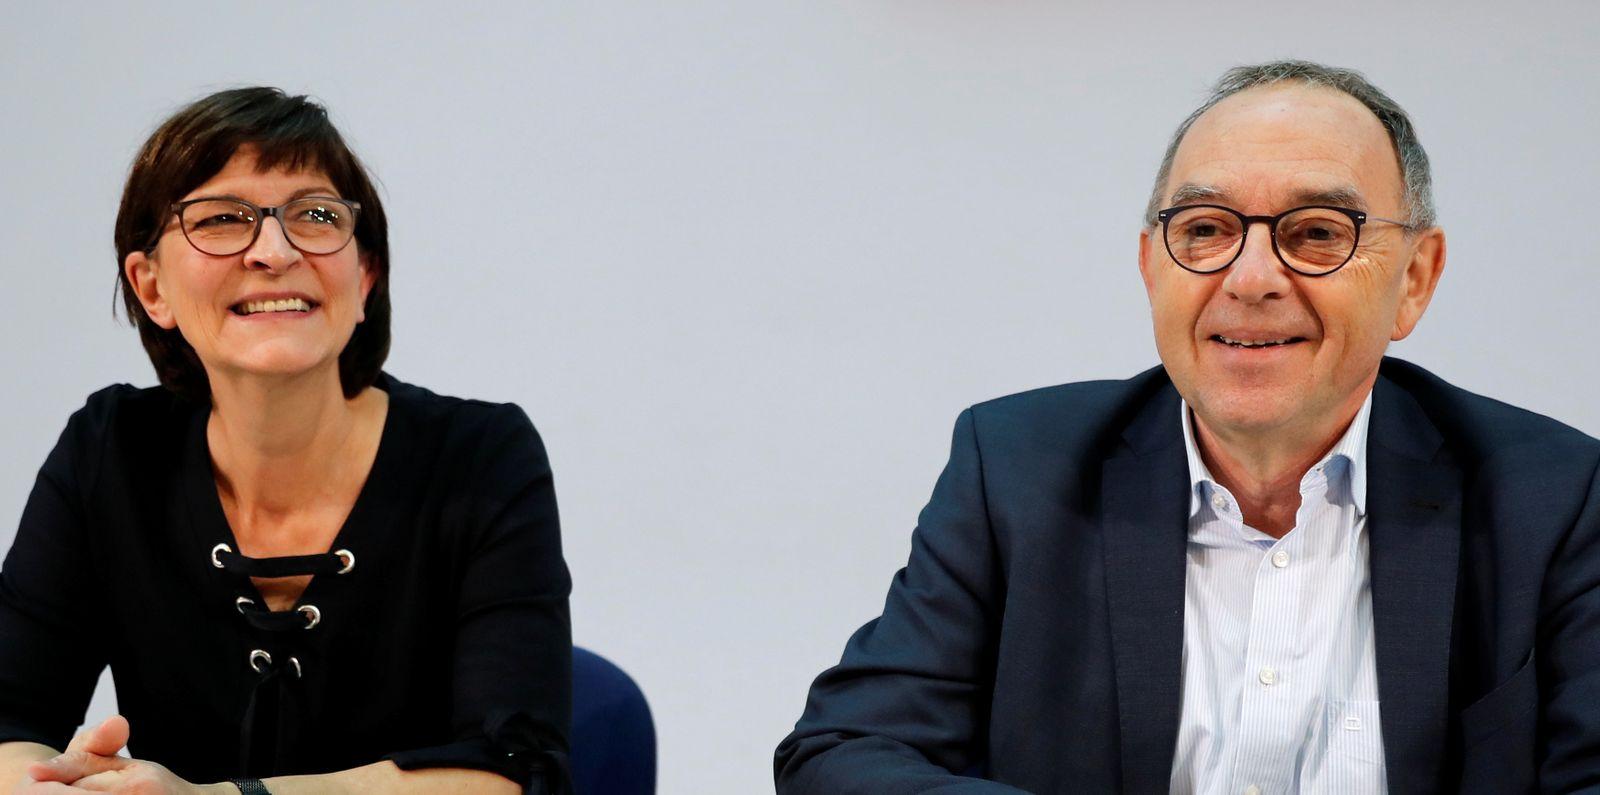 Saskia Esken and Norbert Walter-Borjans